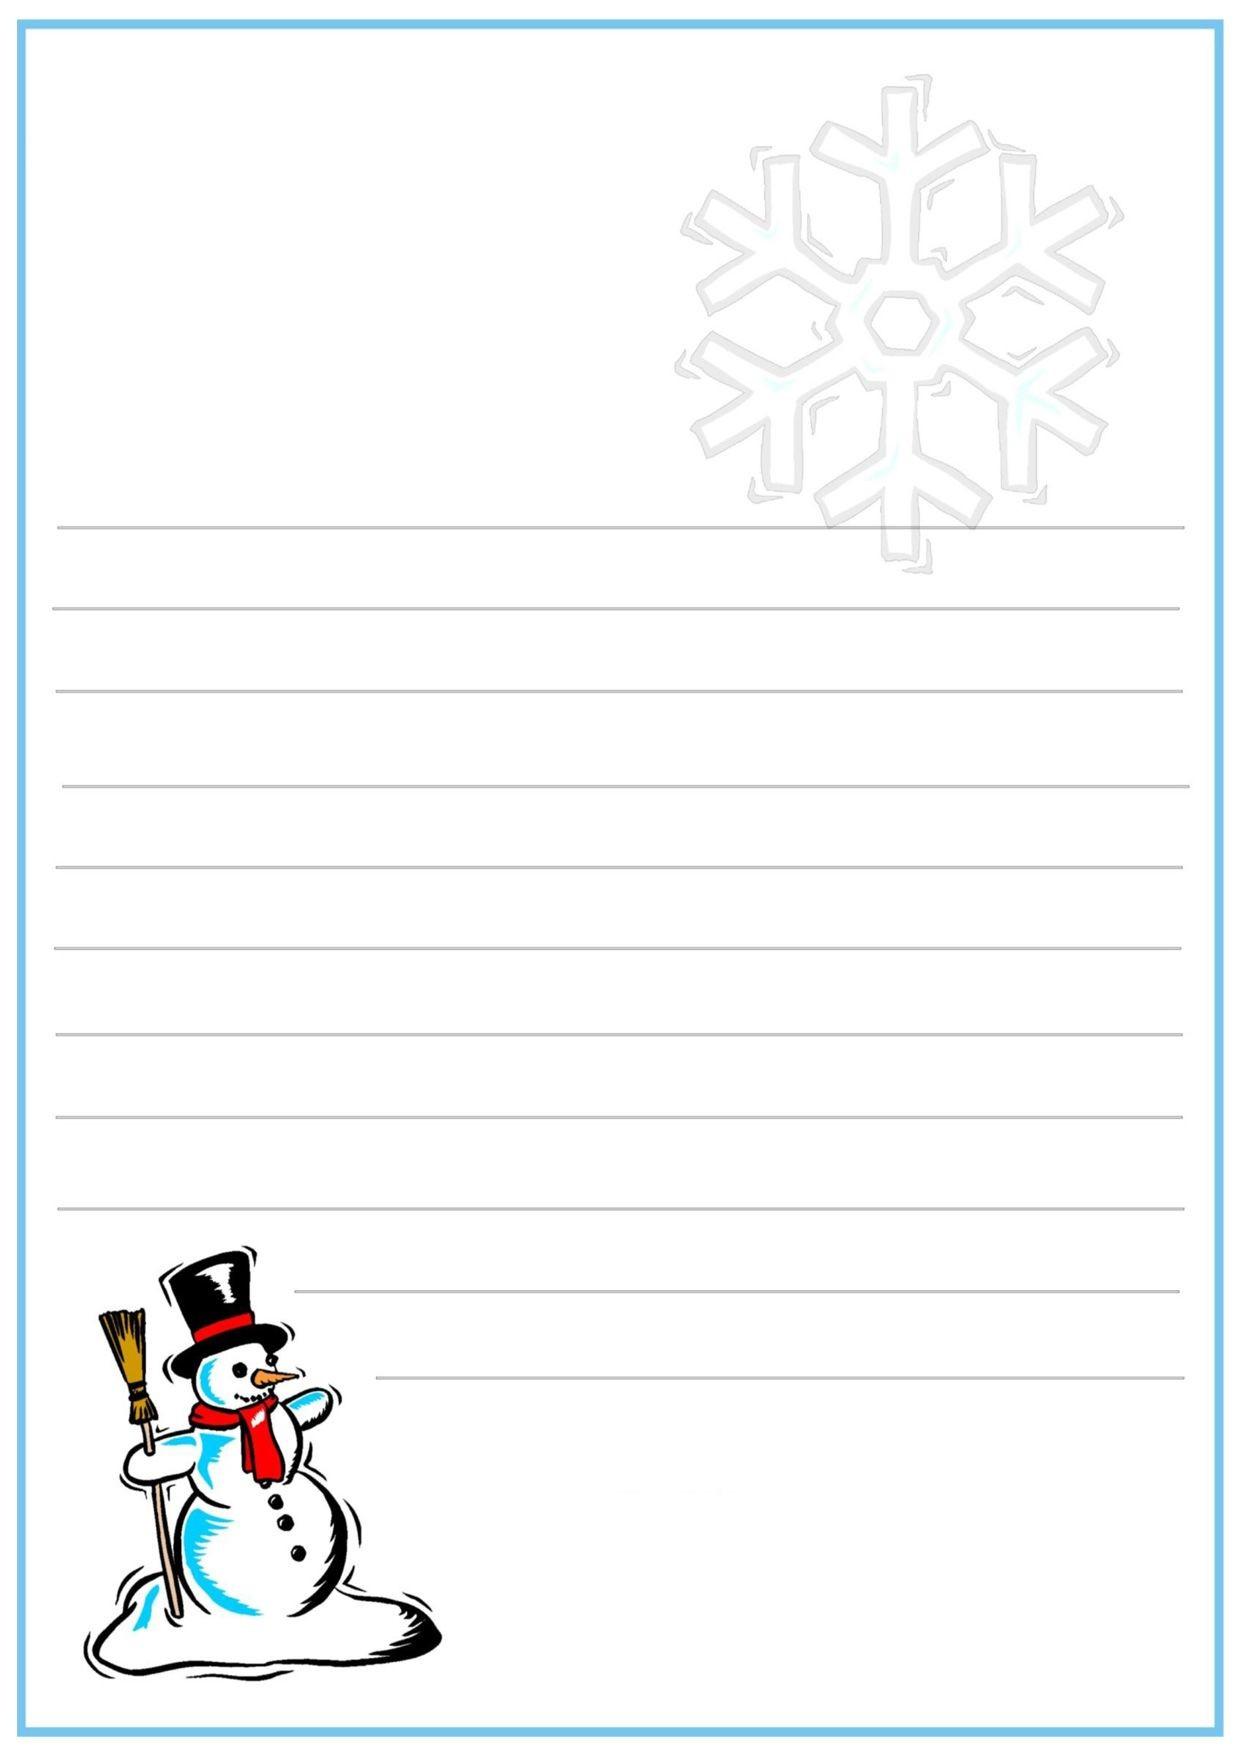 Lettera a Babbo Natale versione 12 da stampare gratis